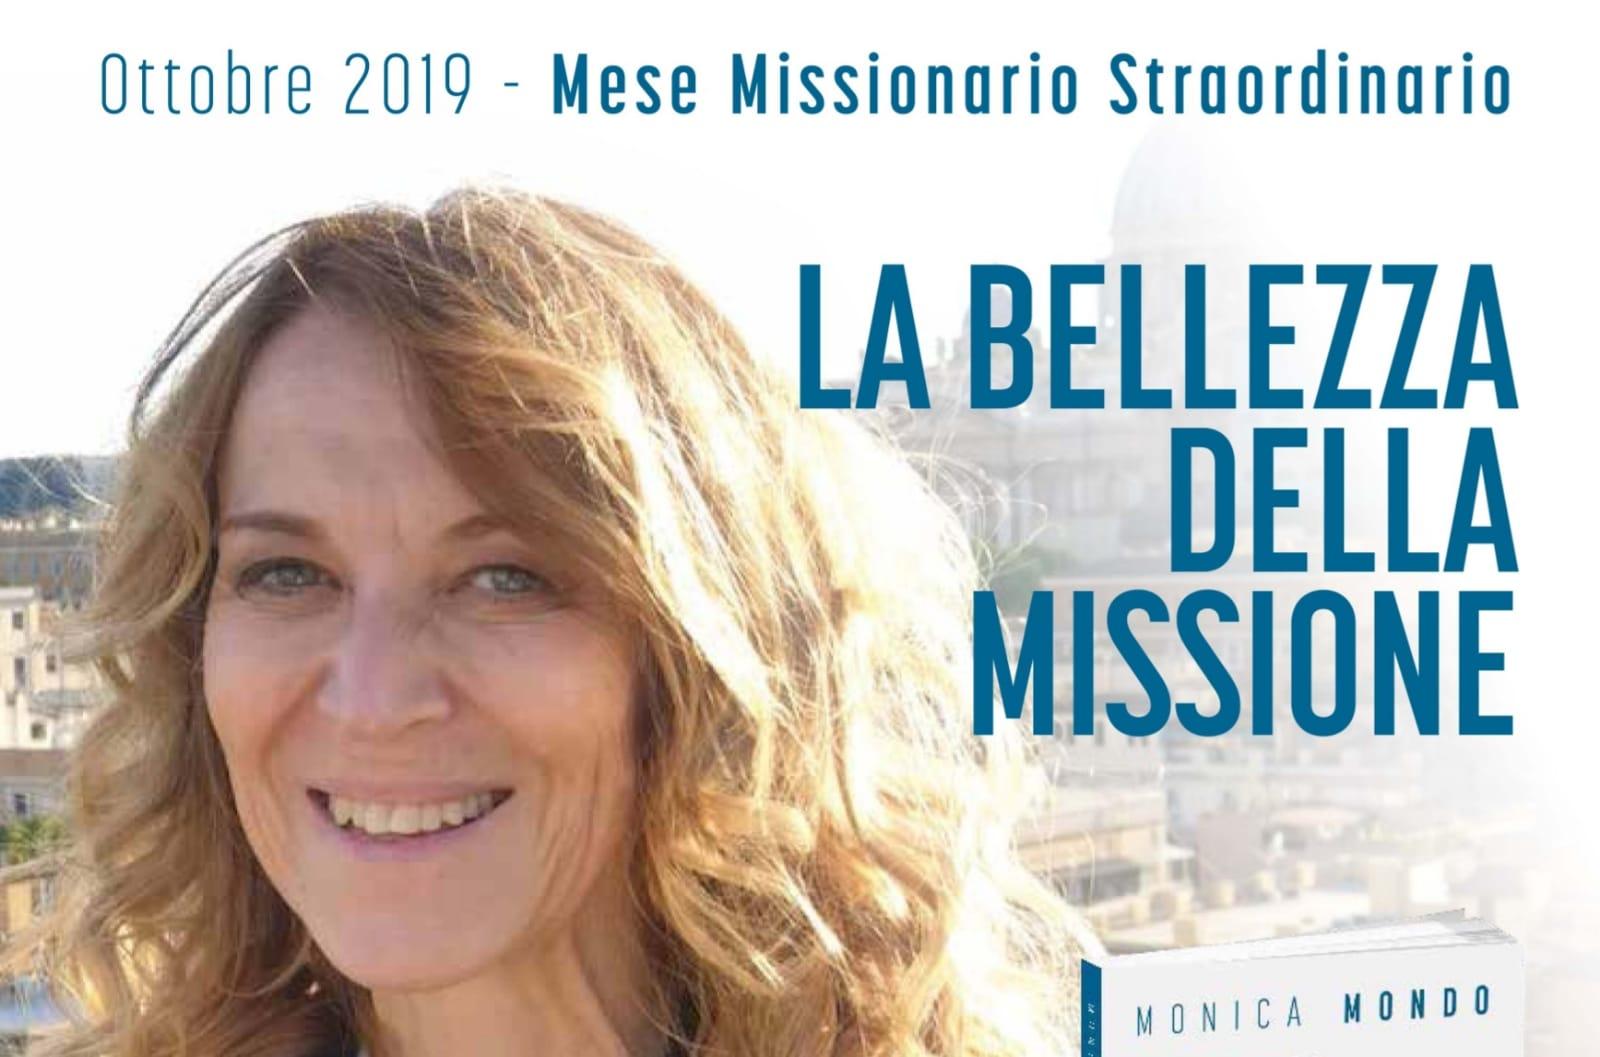 Cristiani Ai Margini Del Mondo: Monica Mondo Racconta La Bellezza Della Missione